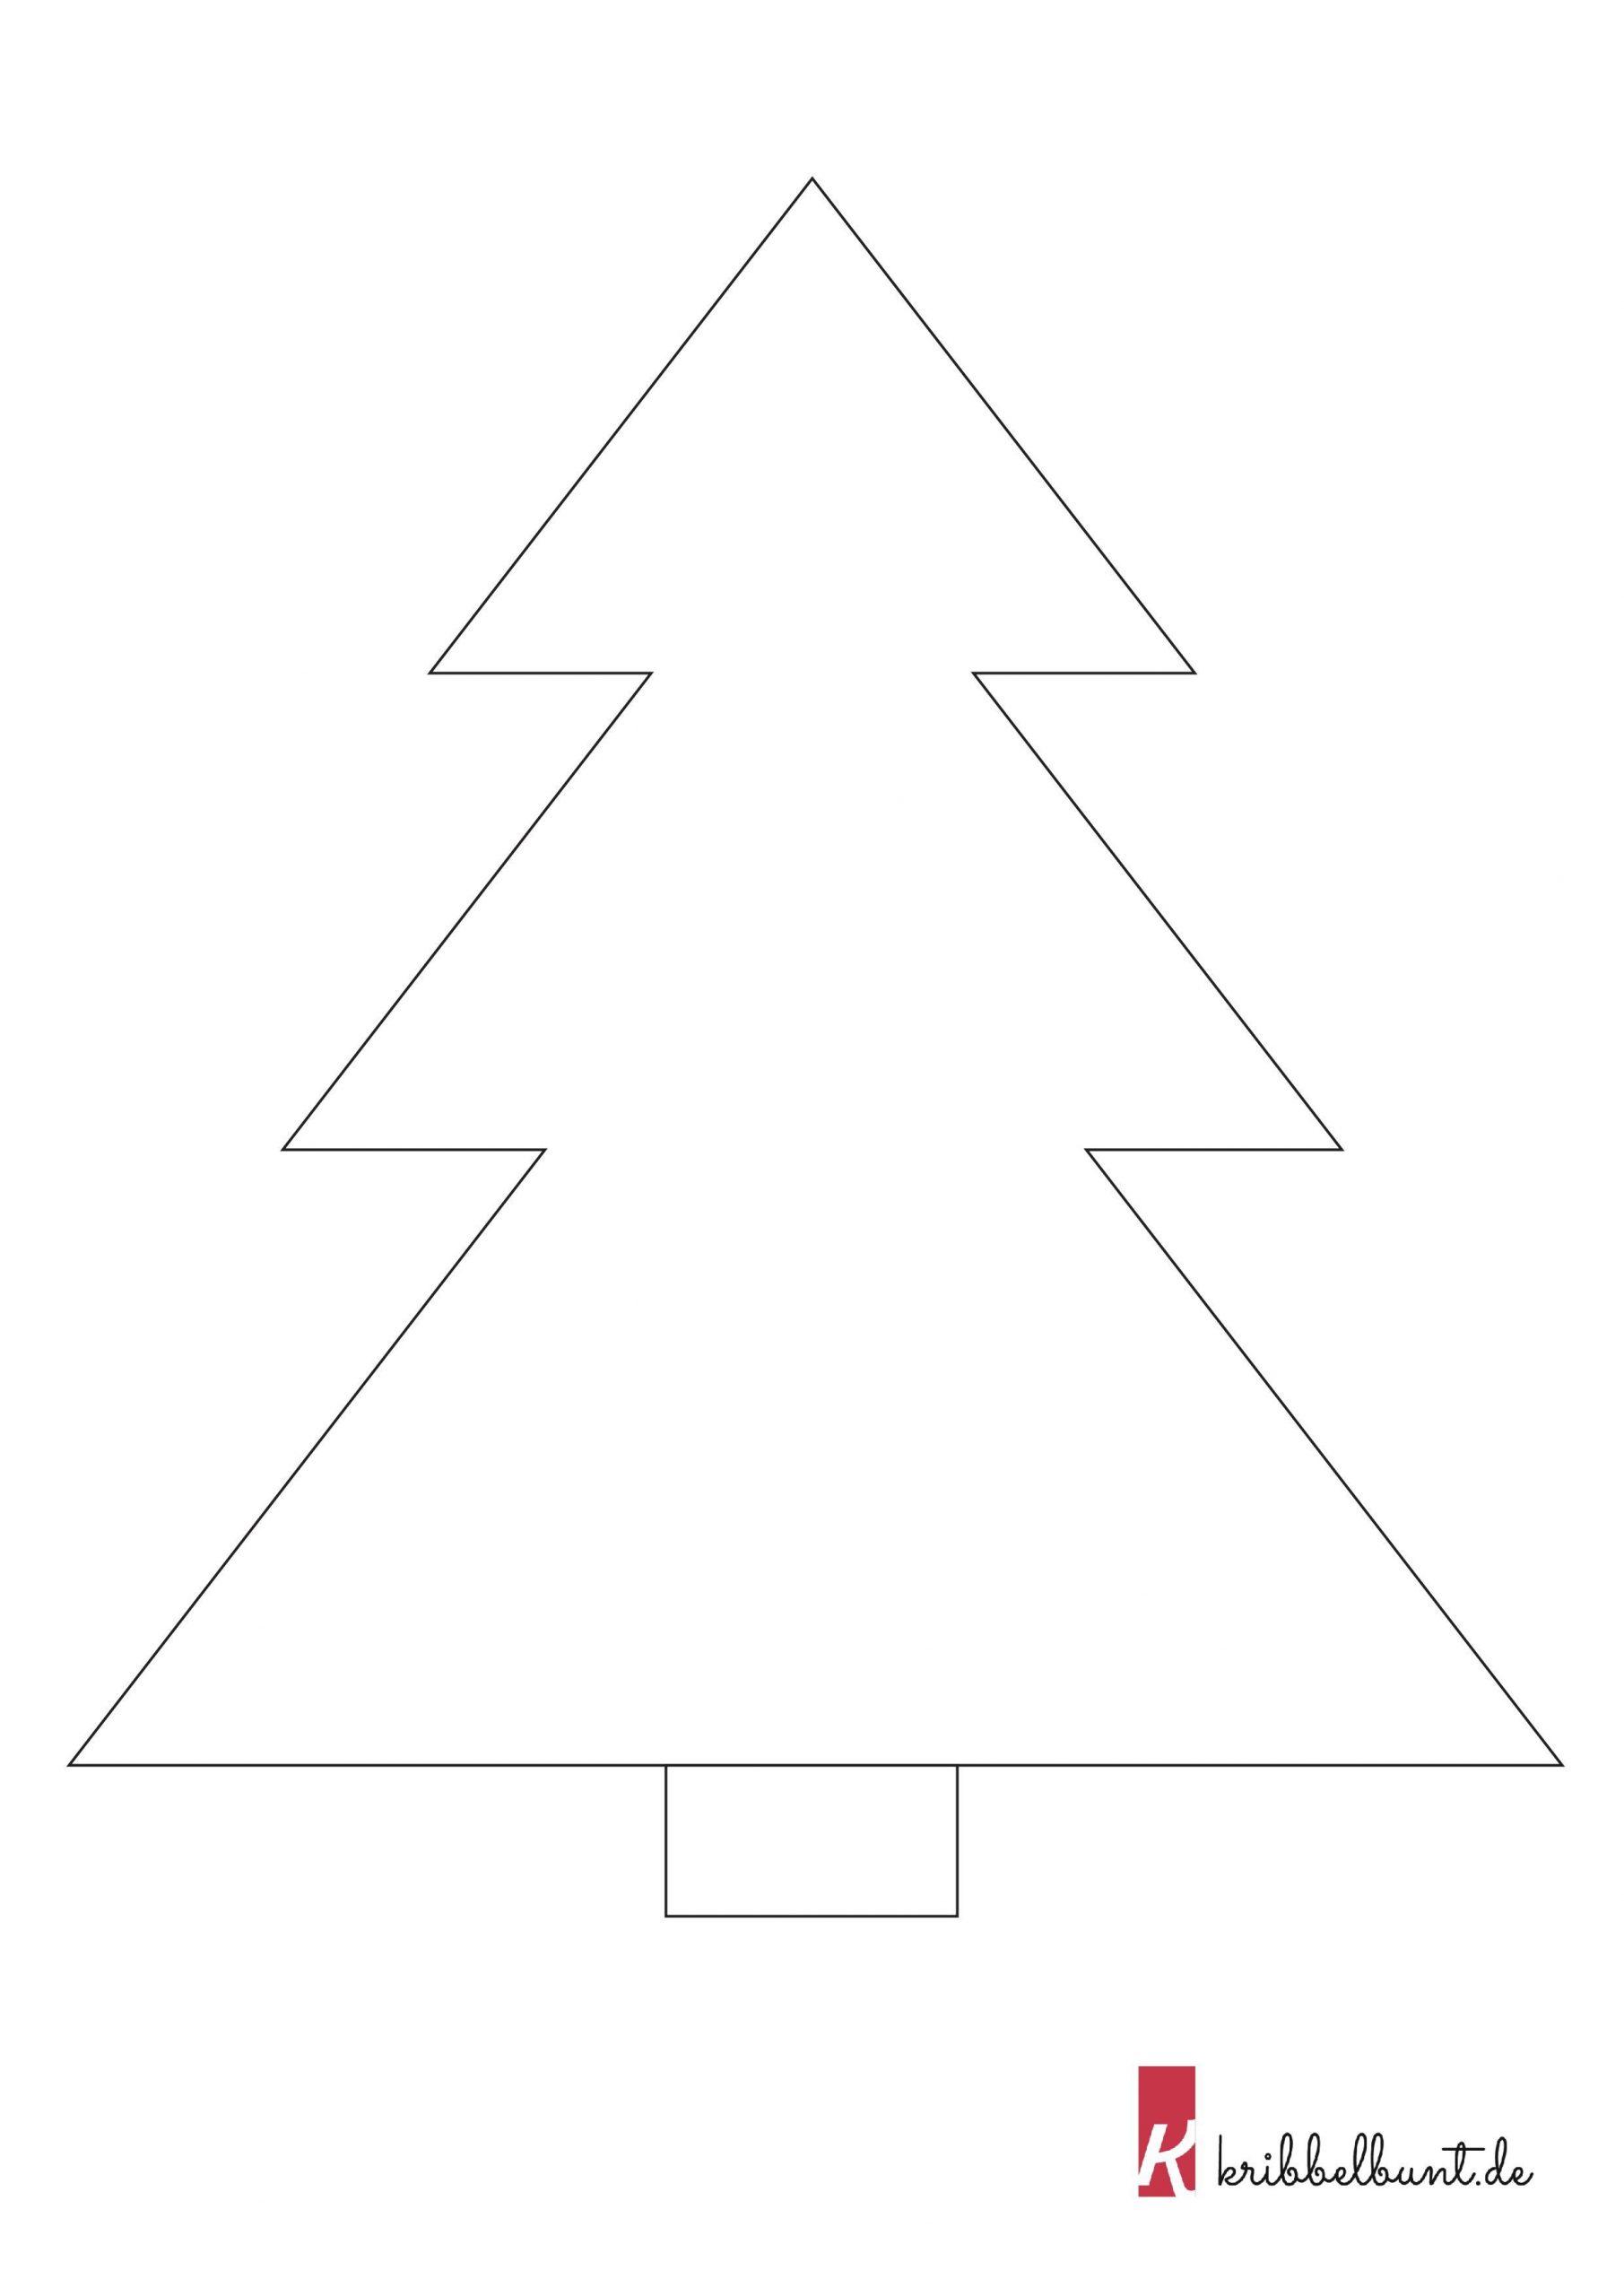 Tannenbaum Vorlage (Mit Bildern) | Tannenbaum Vorlage innen Bastelvorlagen Weihnachten Ausdrucken